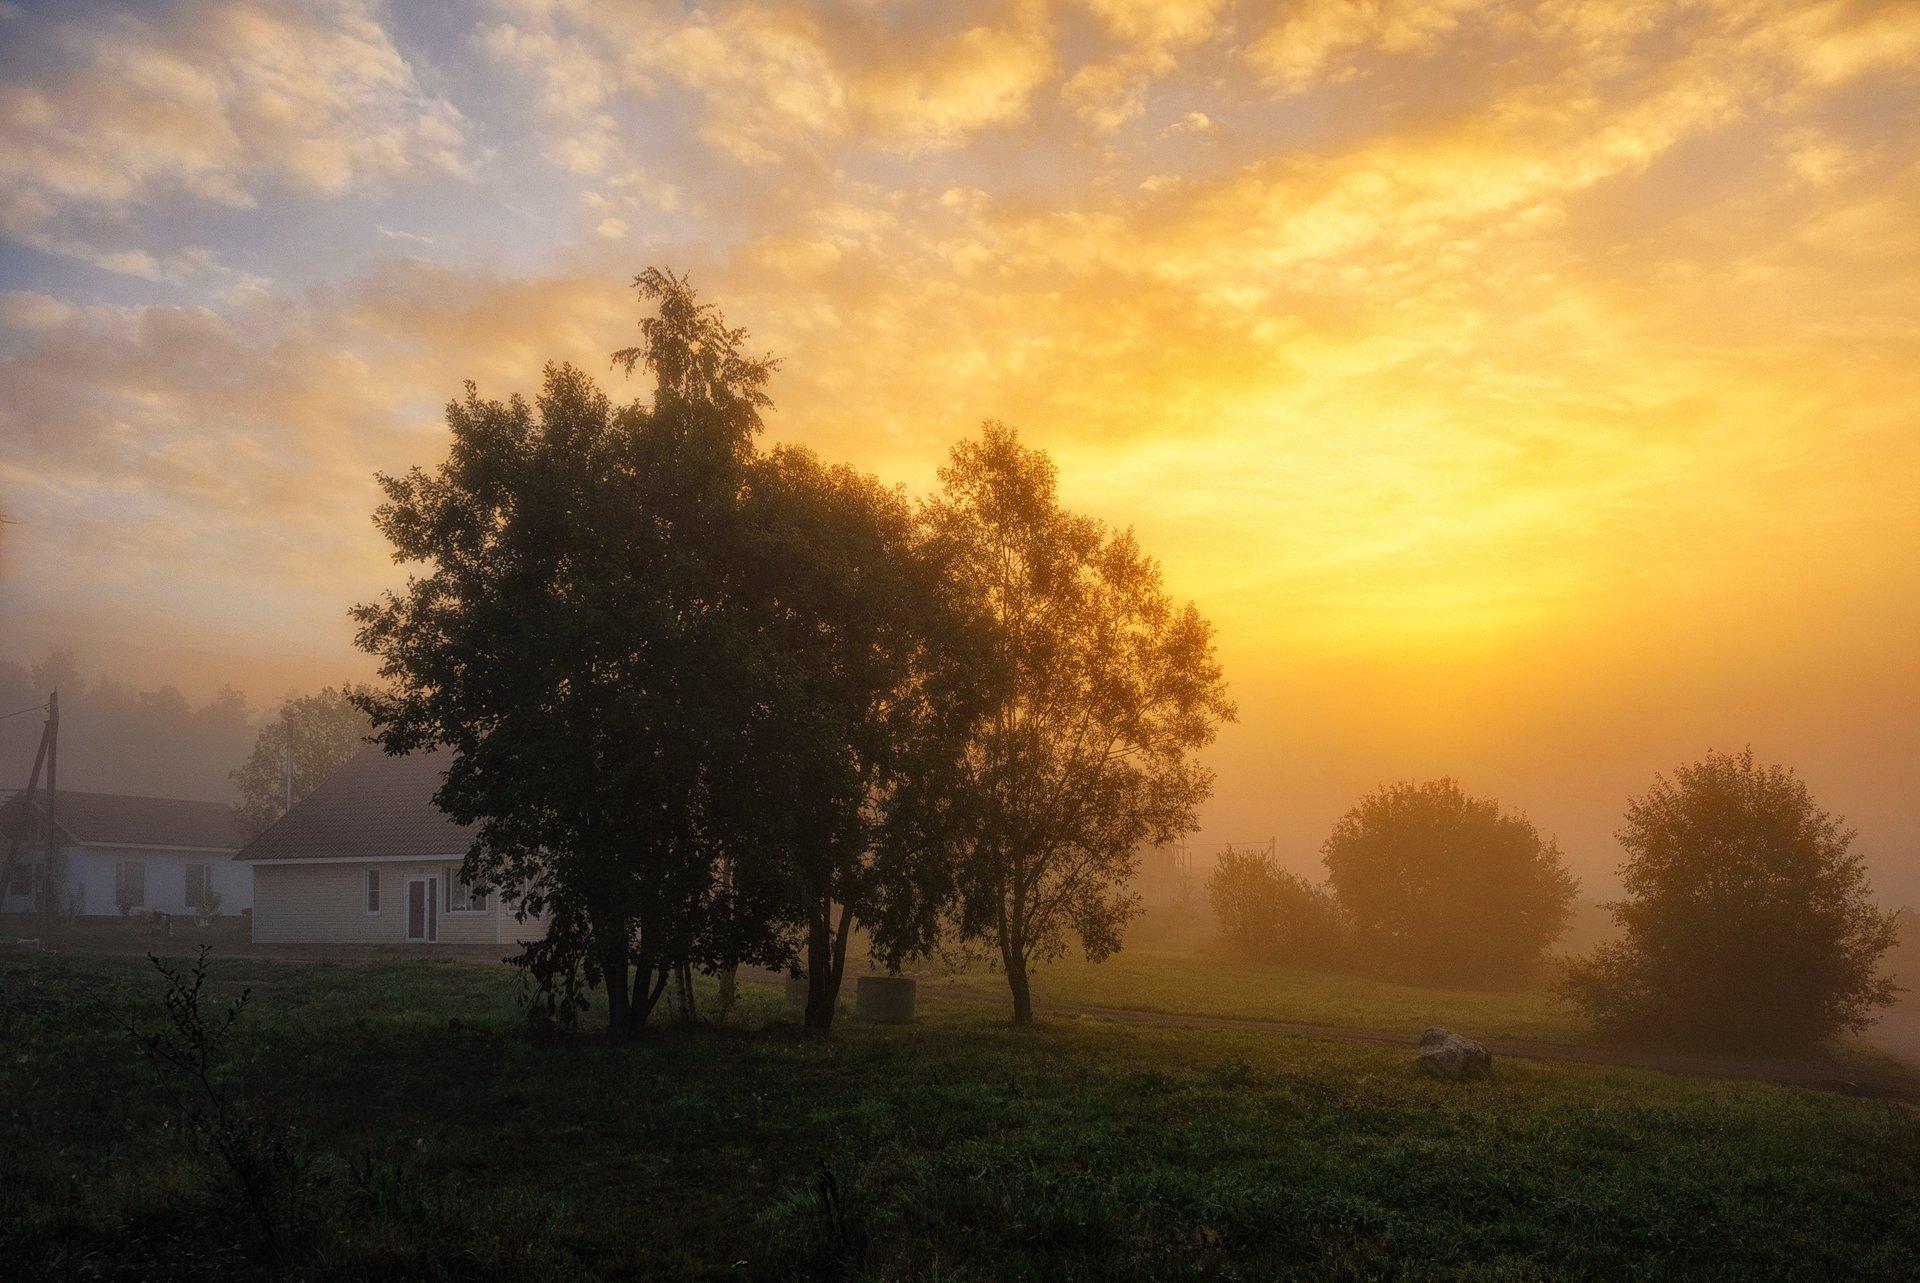 осень,сентябрь,тепло,утро,рассвет,свет,небо,пейзаж, Евгений Плетнев